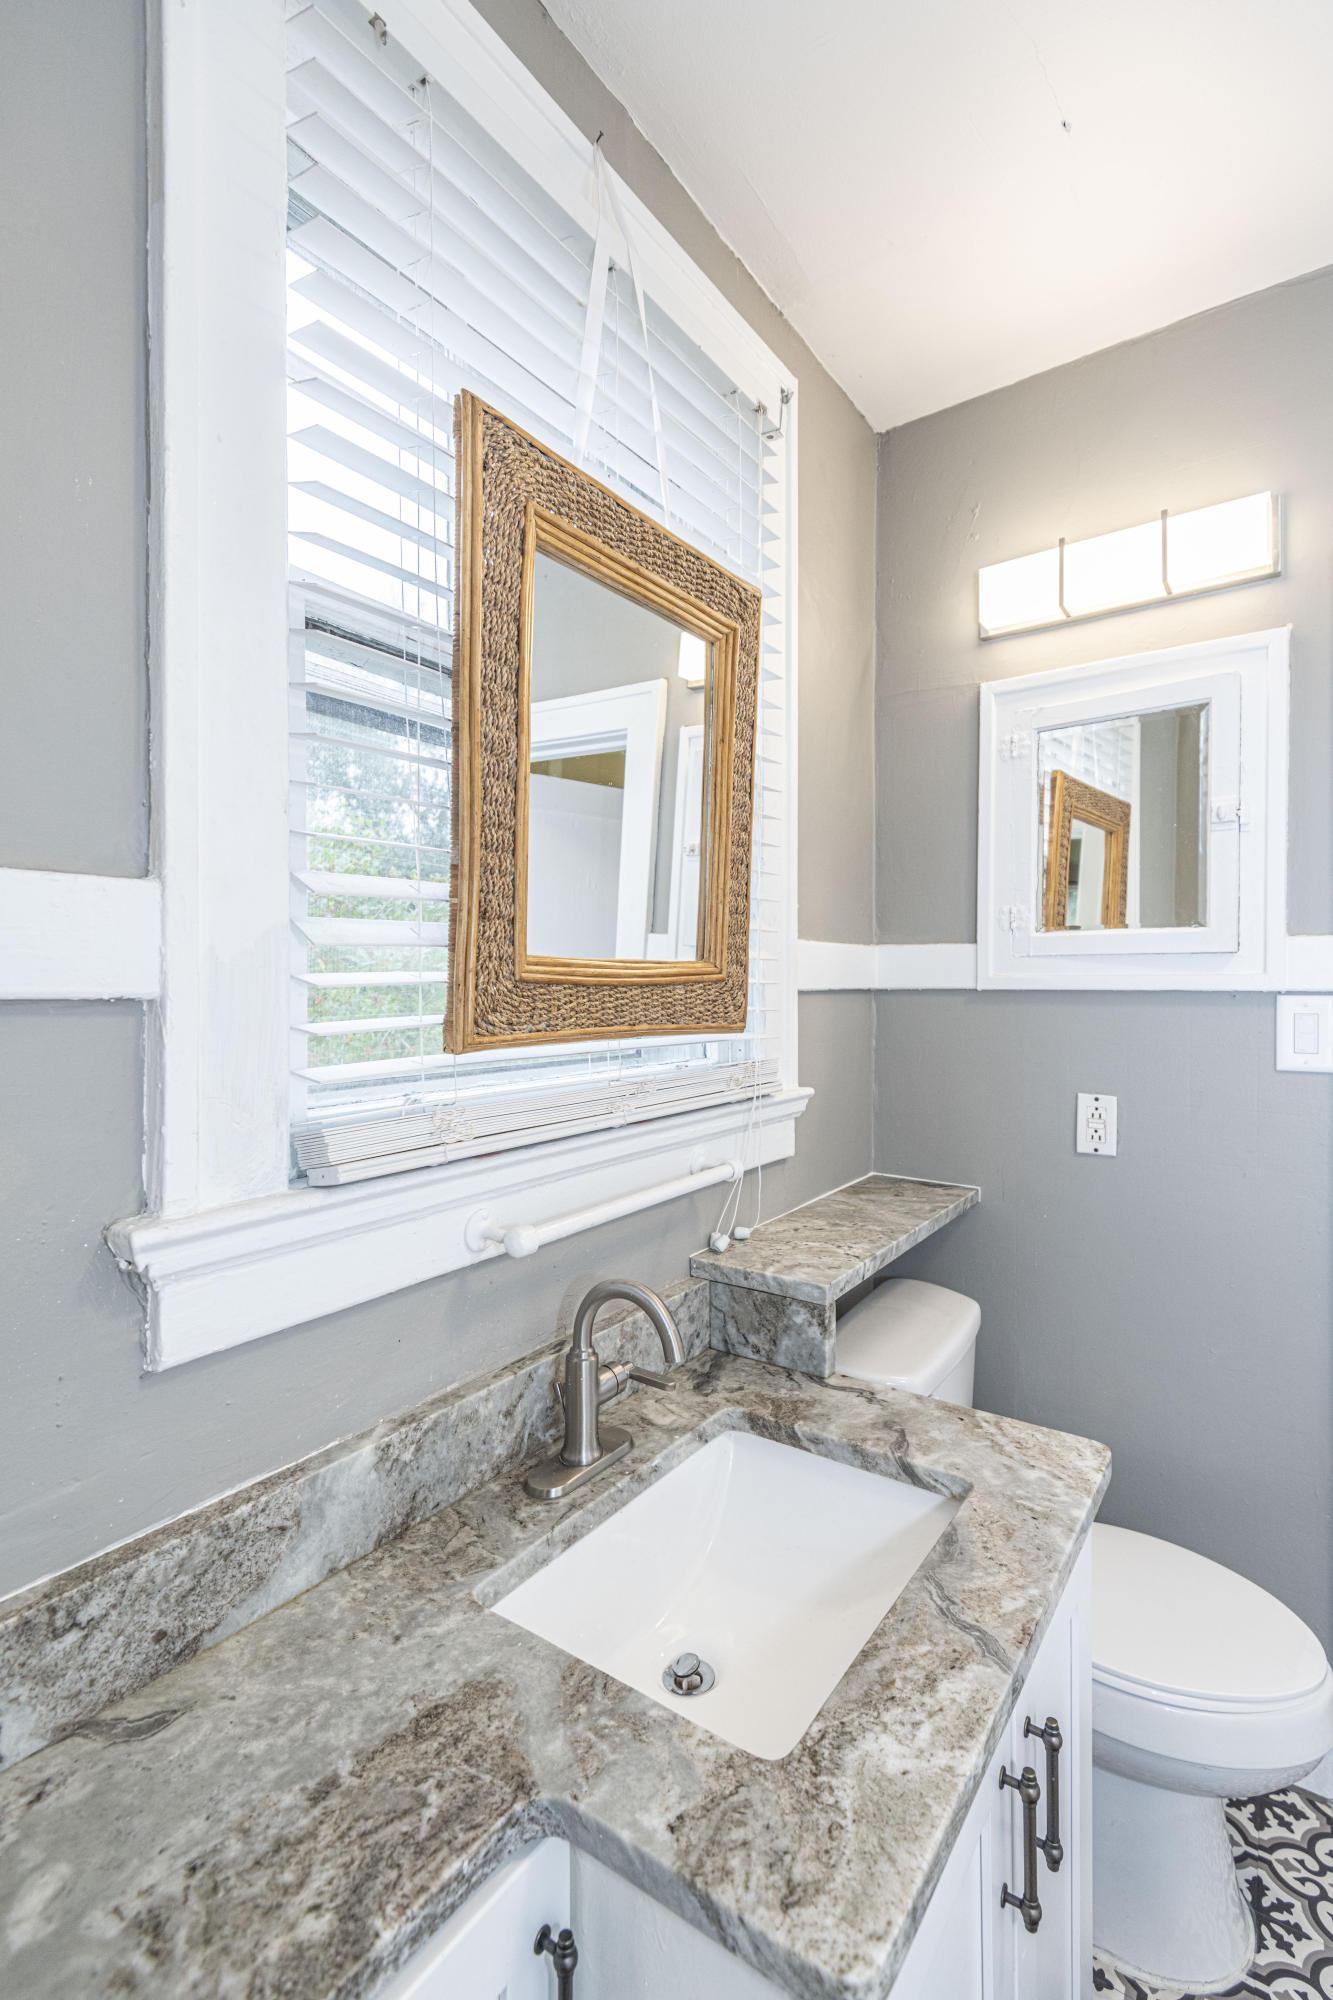 Radcliffeborough Condos For Sale - 24 Thomas, Charleston, SC - 6